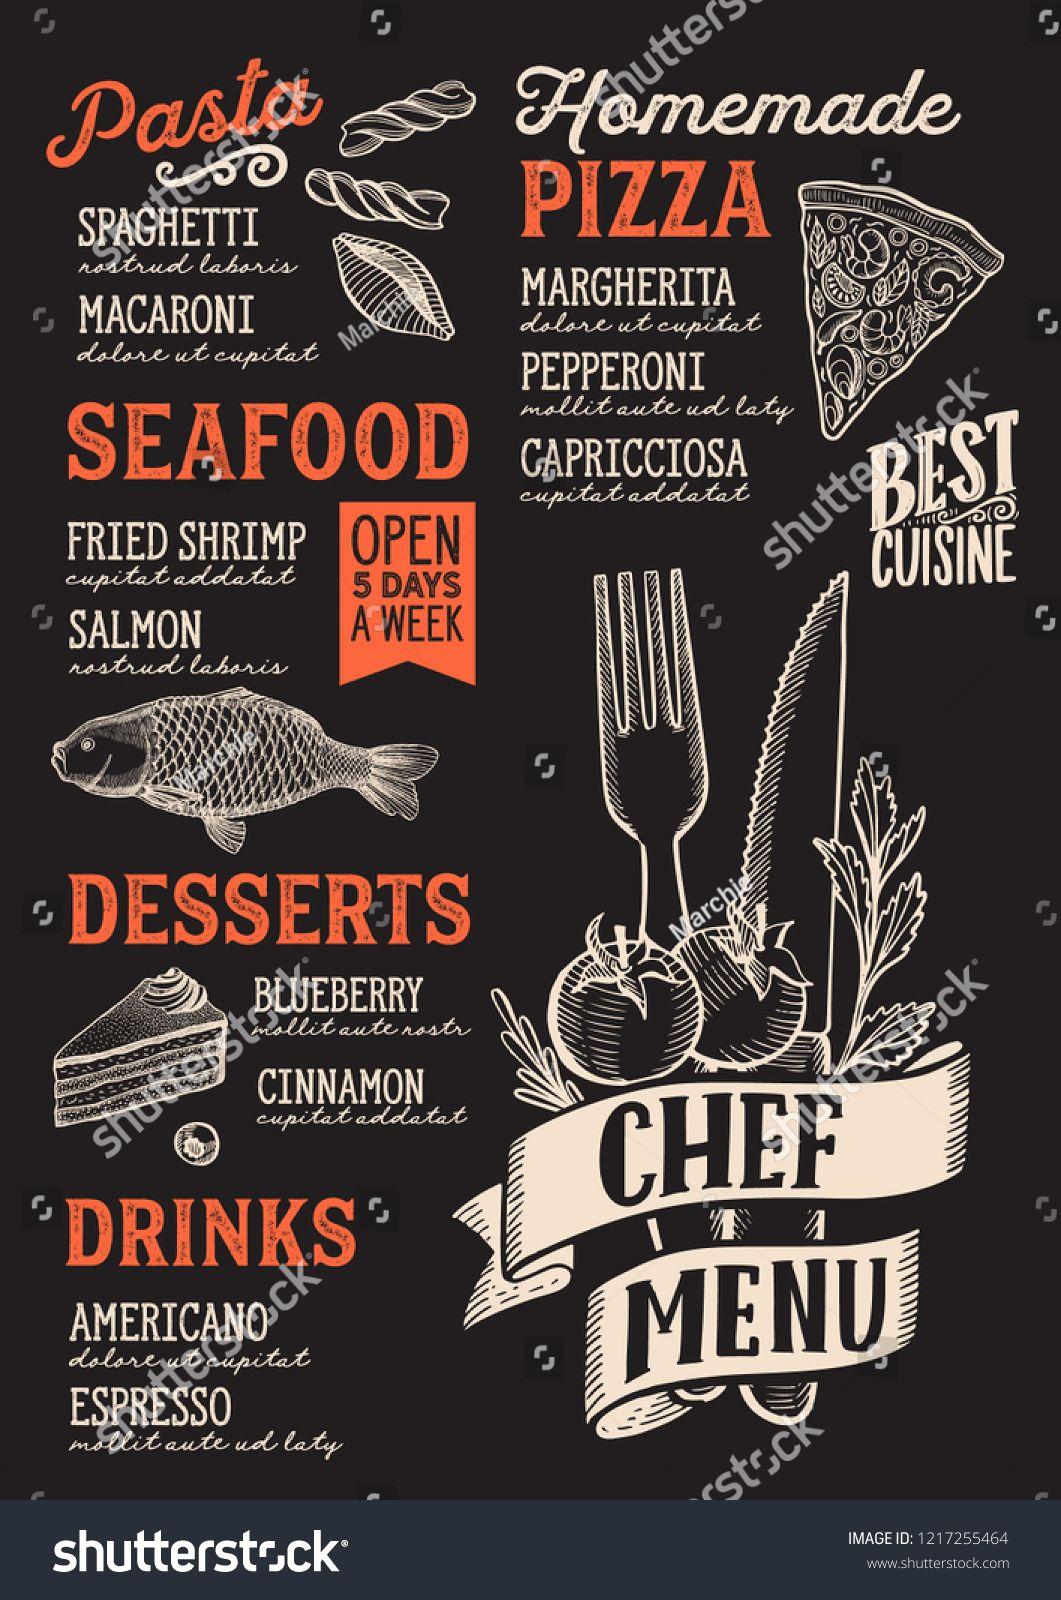 Chef Menu Template For Restaurant On A Blackboard Background Vector Illustration Brochure For Food Menu Design Layout Menu Design Inspiration Food Menu Design